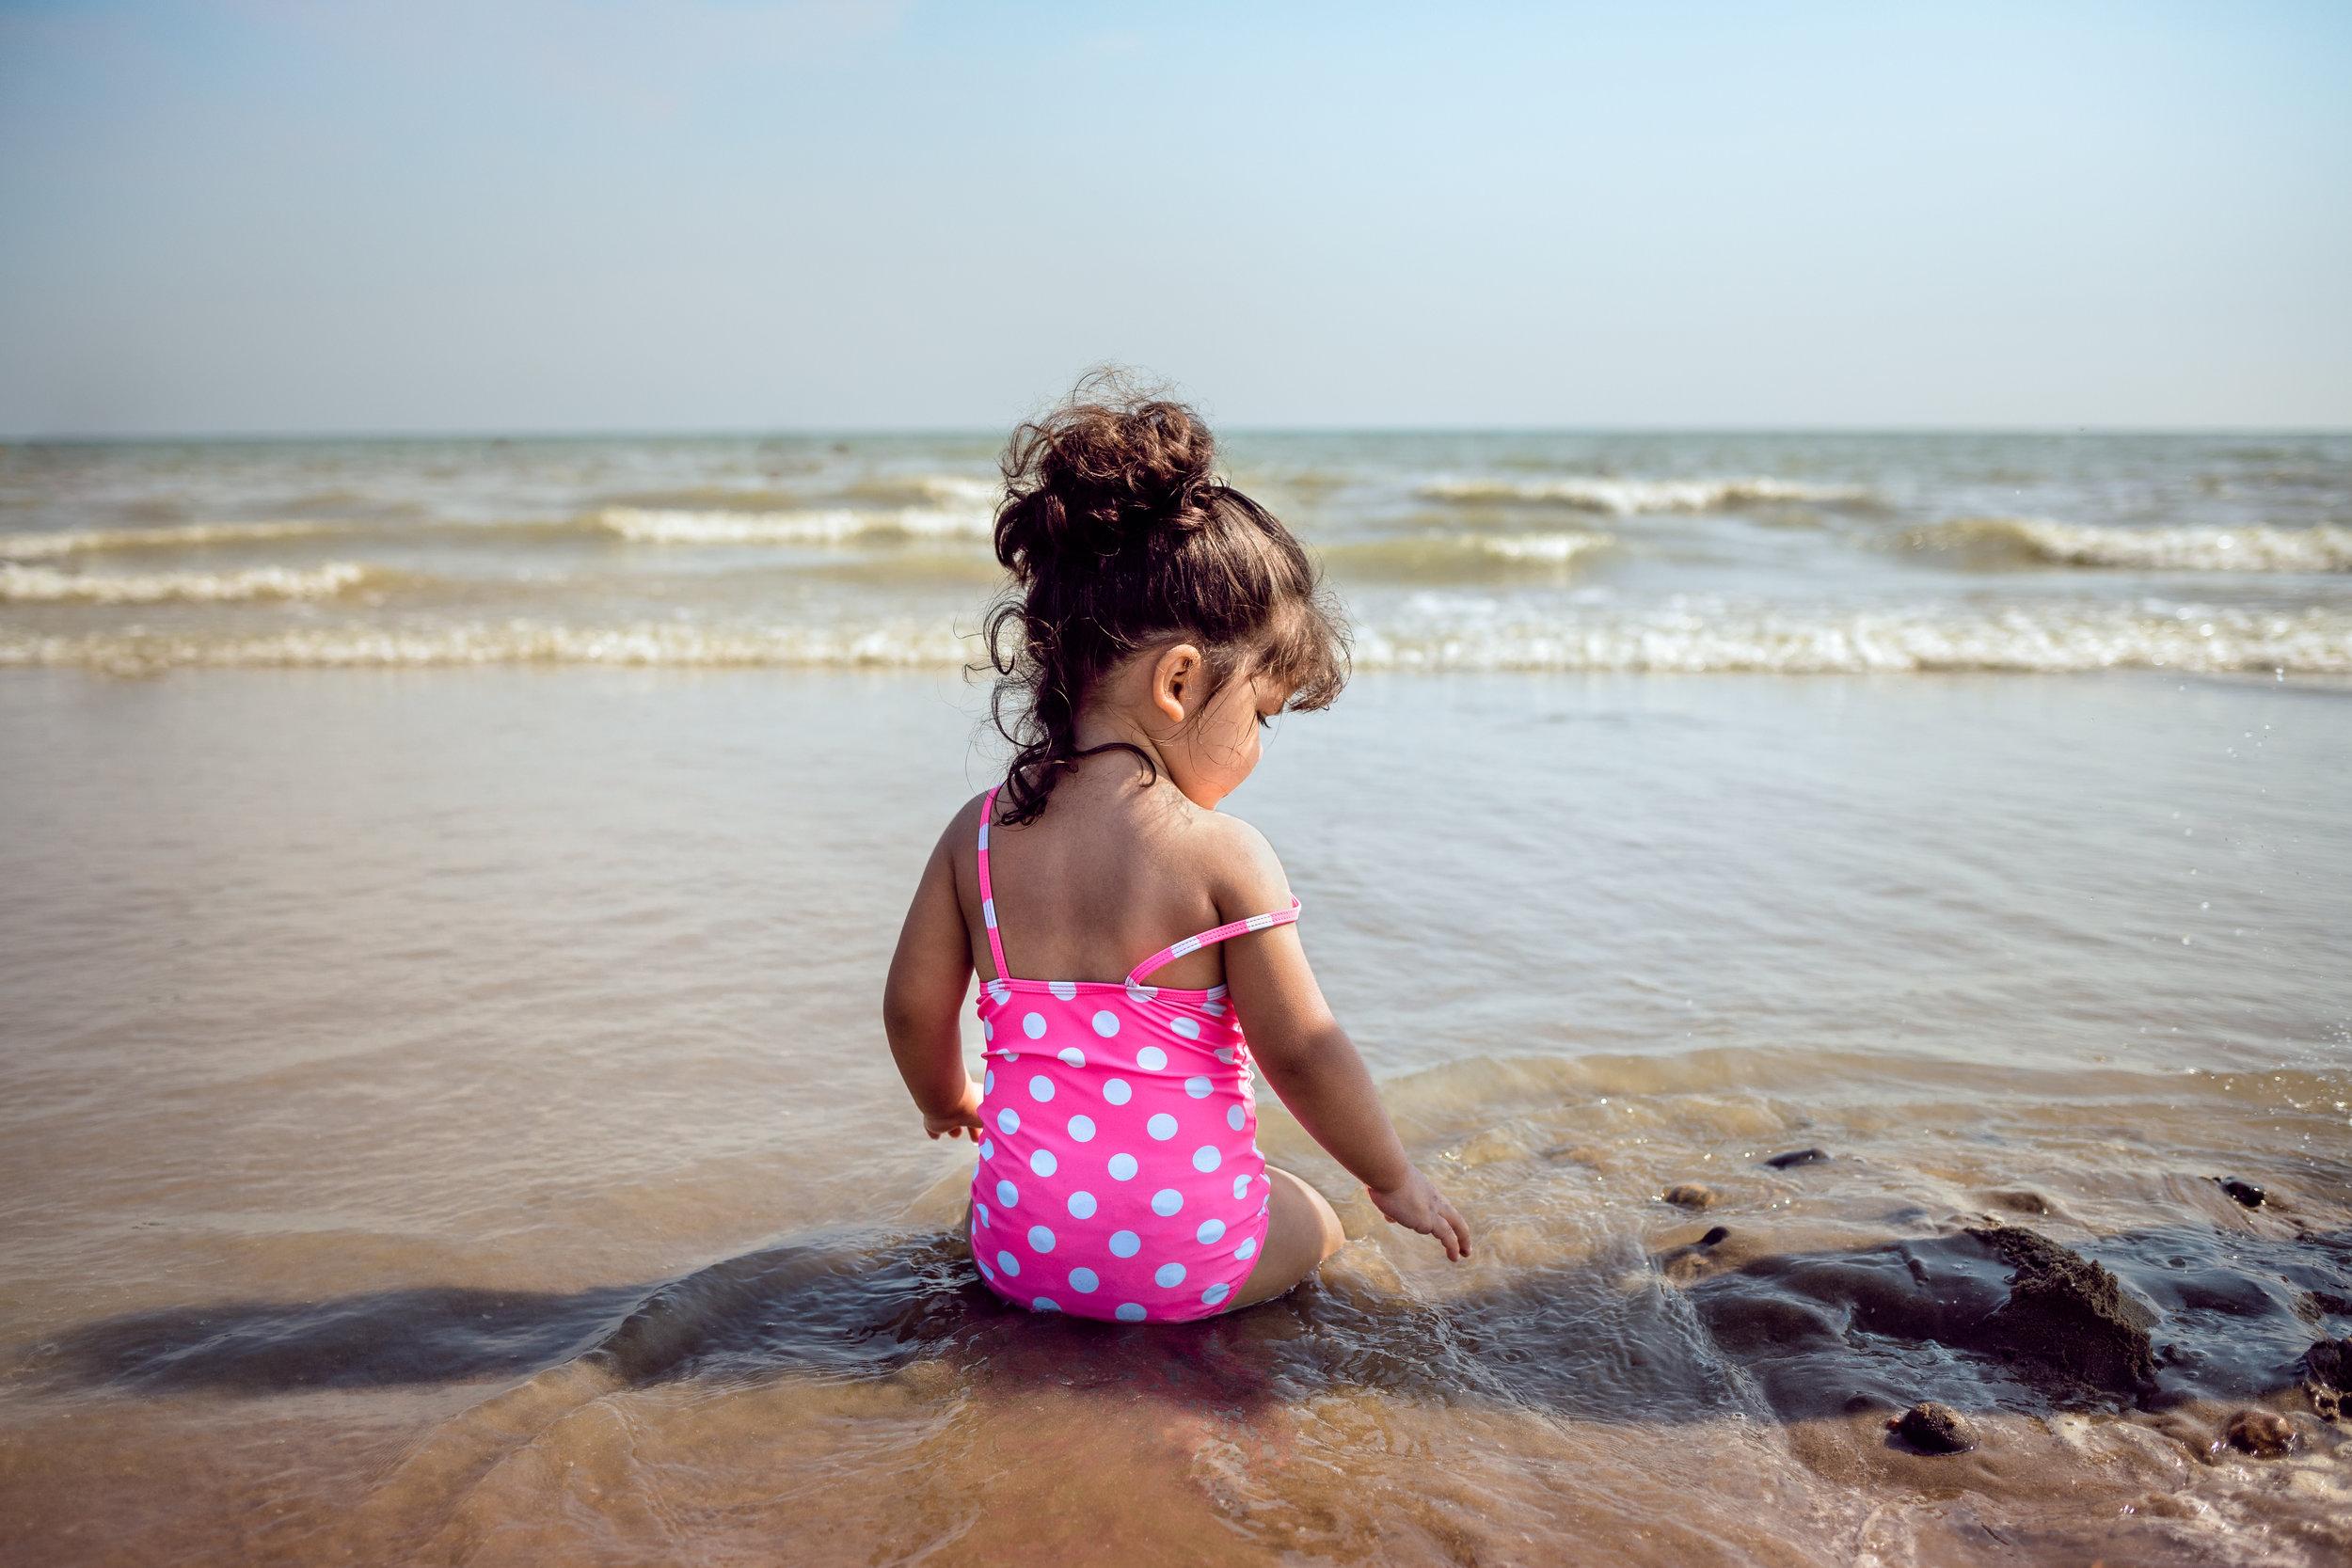 Beach Kids Camber Sands 13.jpg